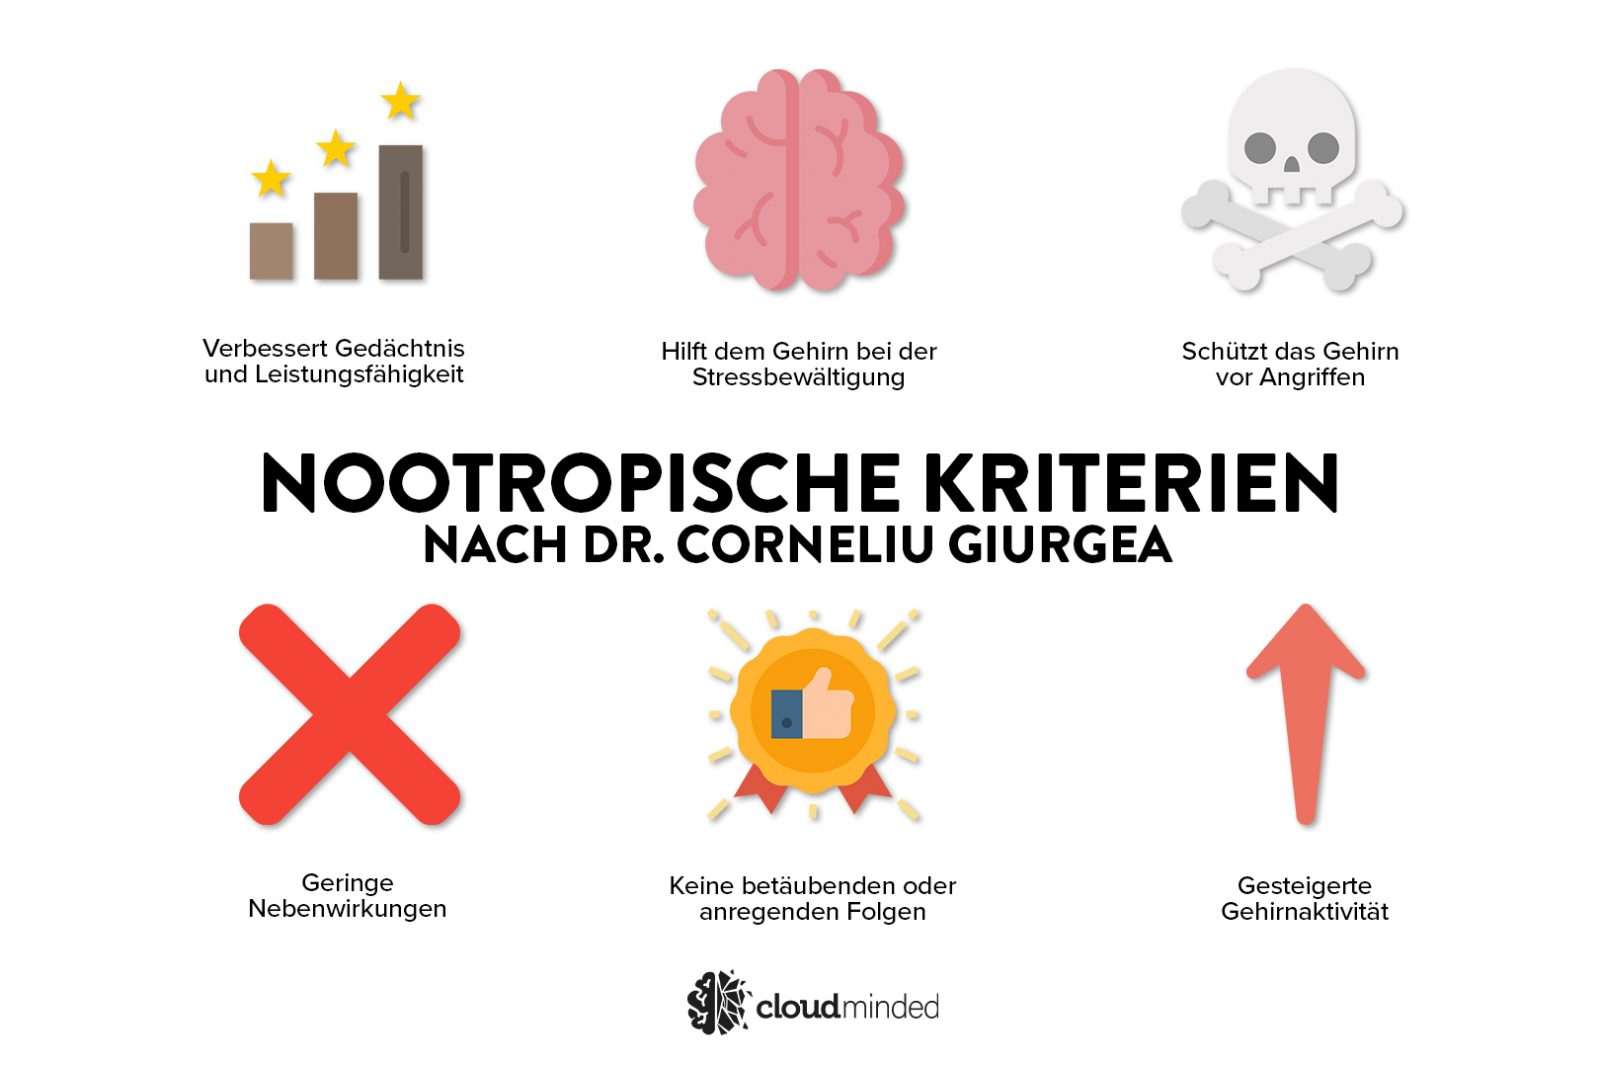 nootropische Kriterien